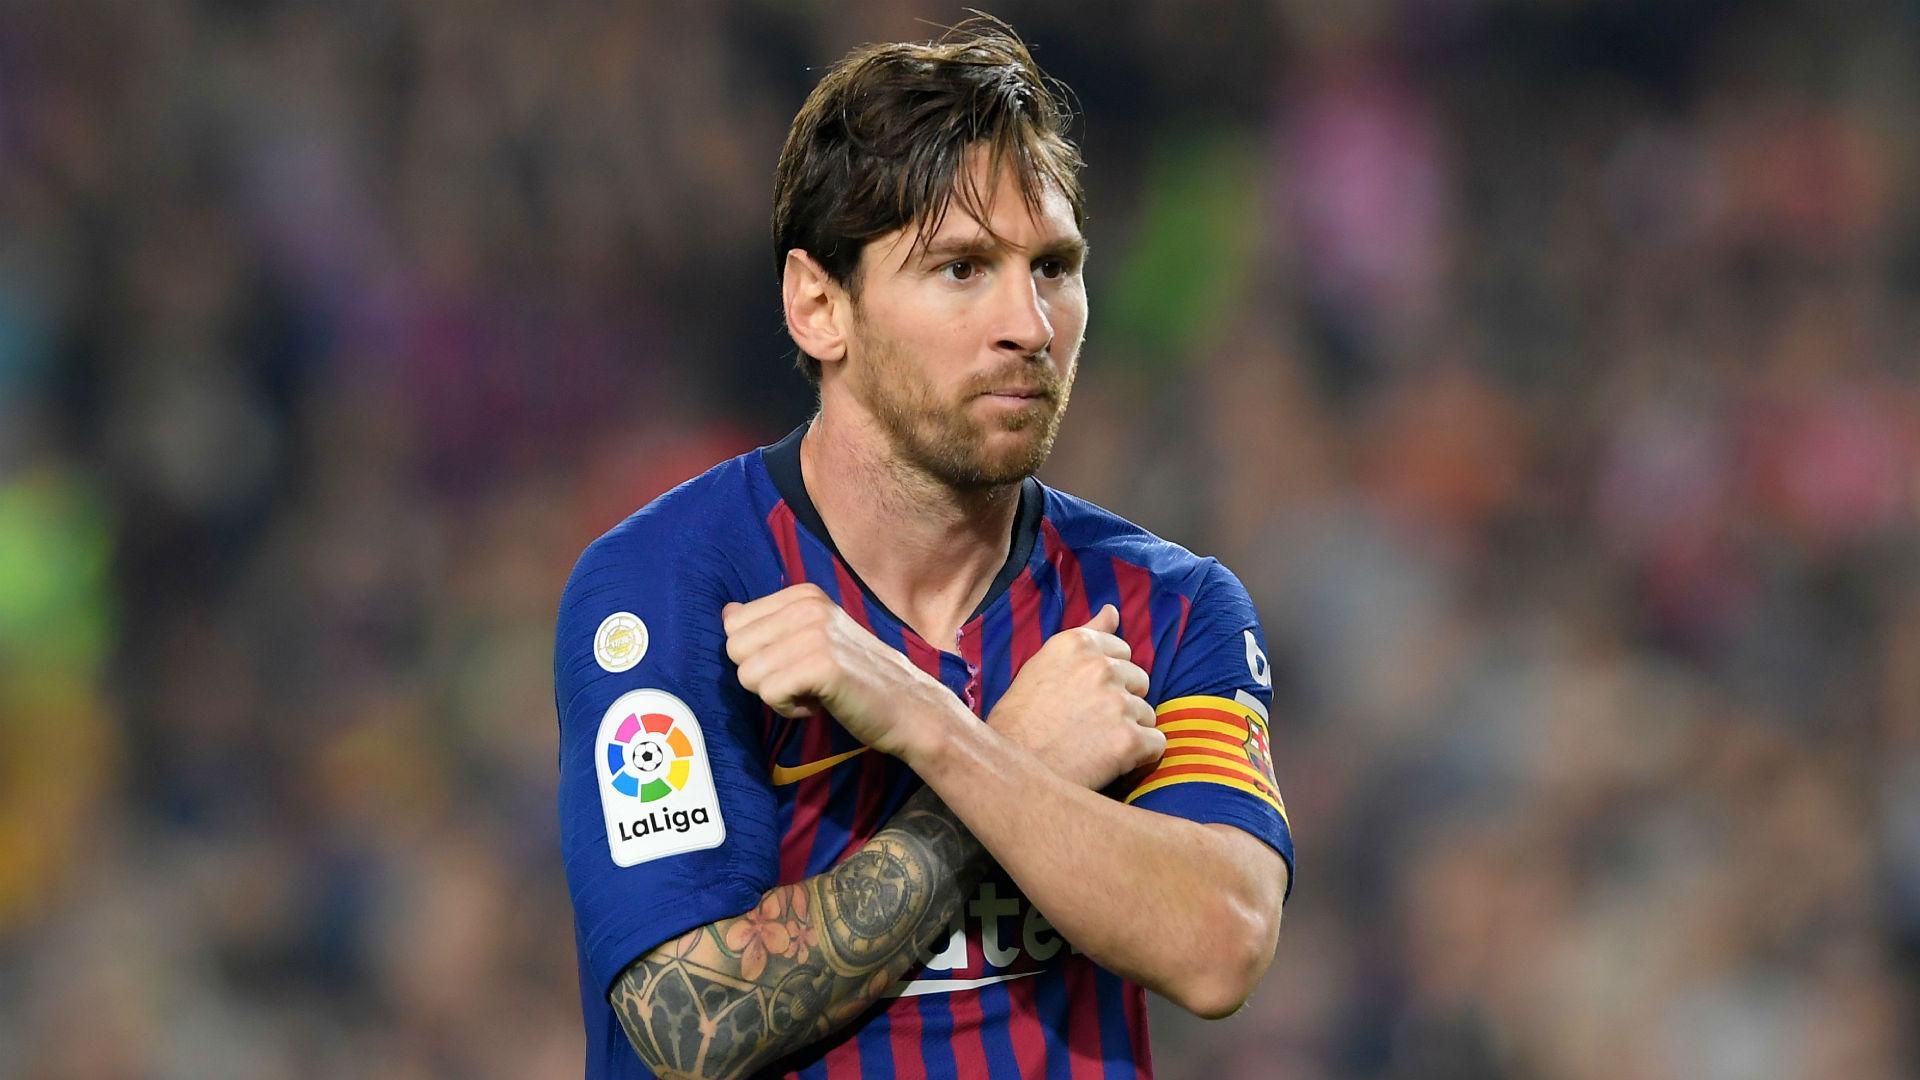 """El Pedido De Lionel Messi Por Emiliano Sala: """"No Dejen De"""